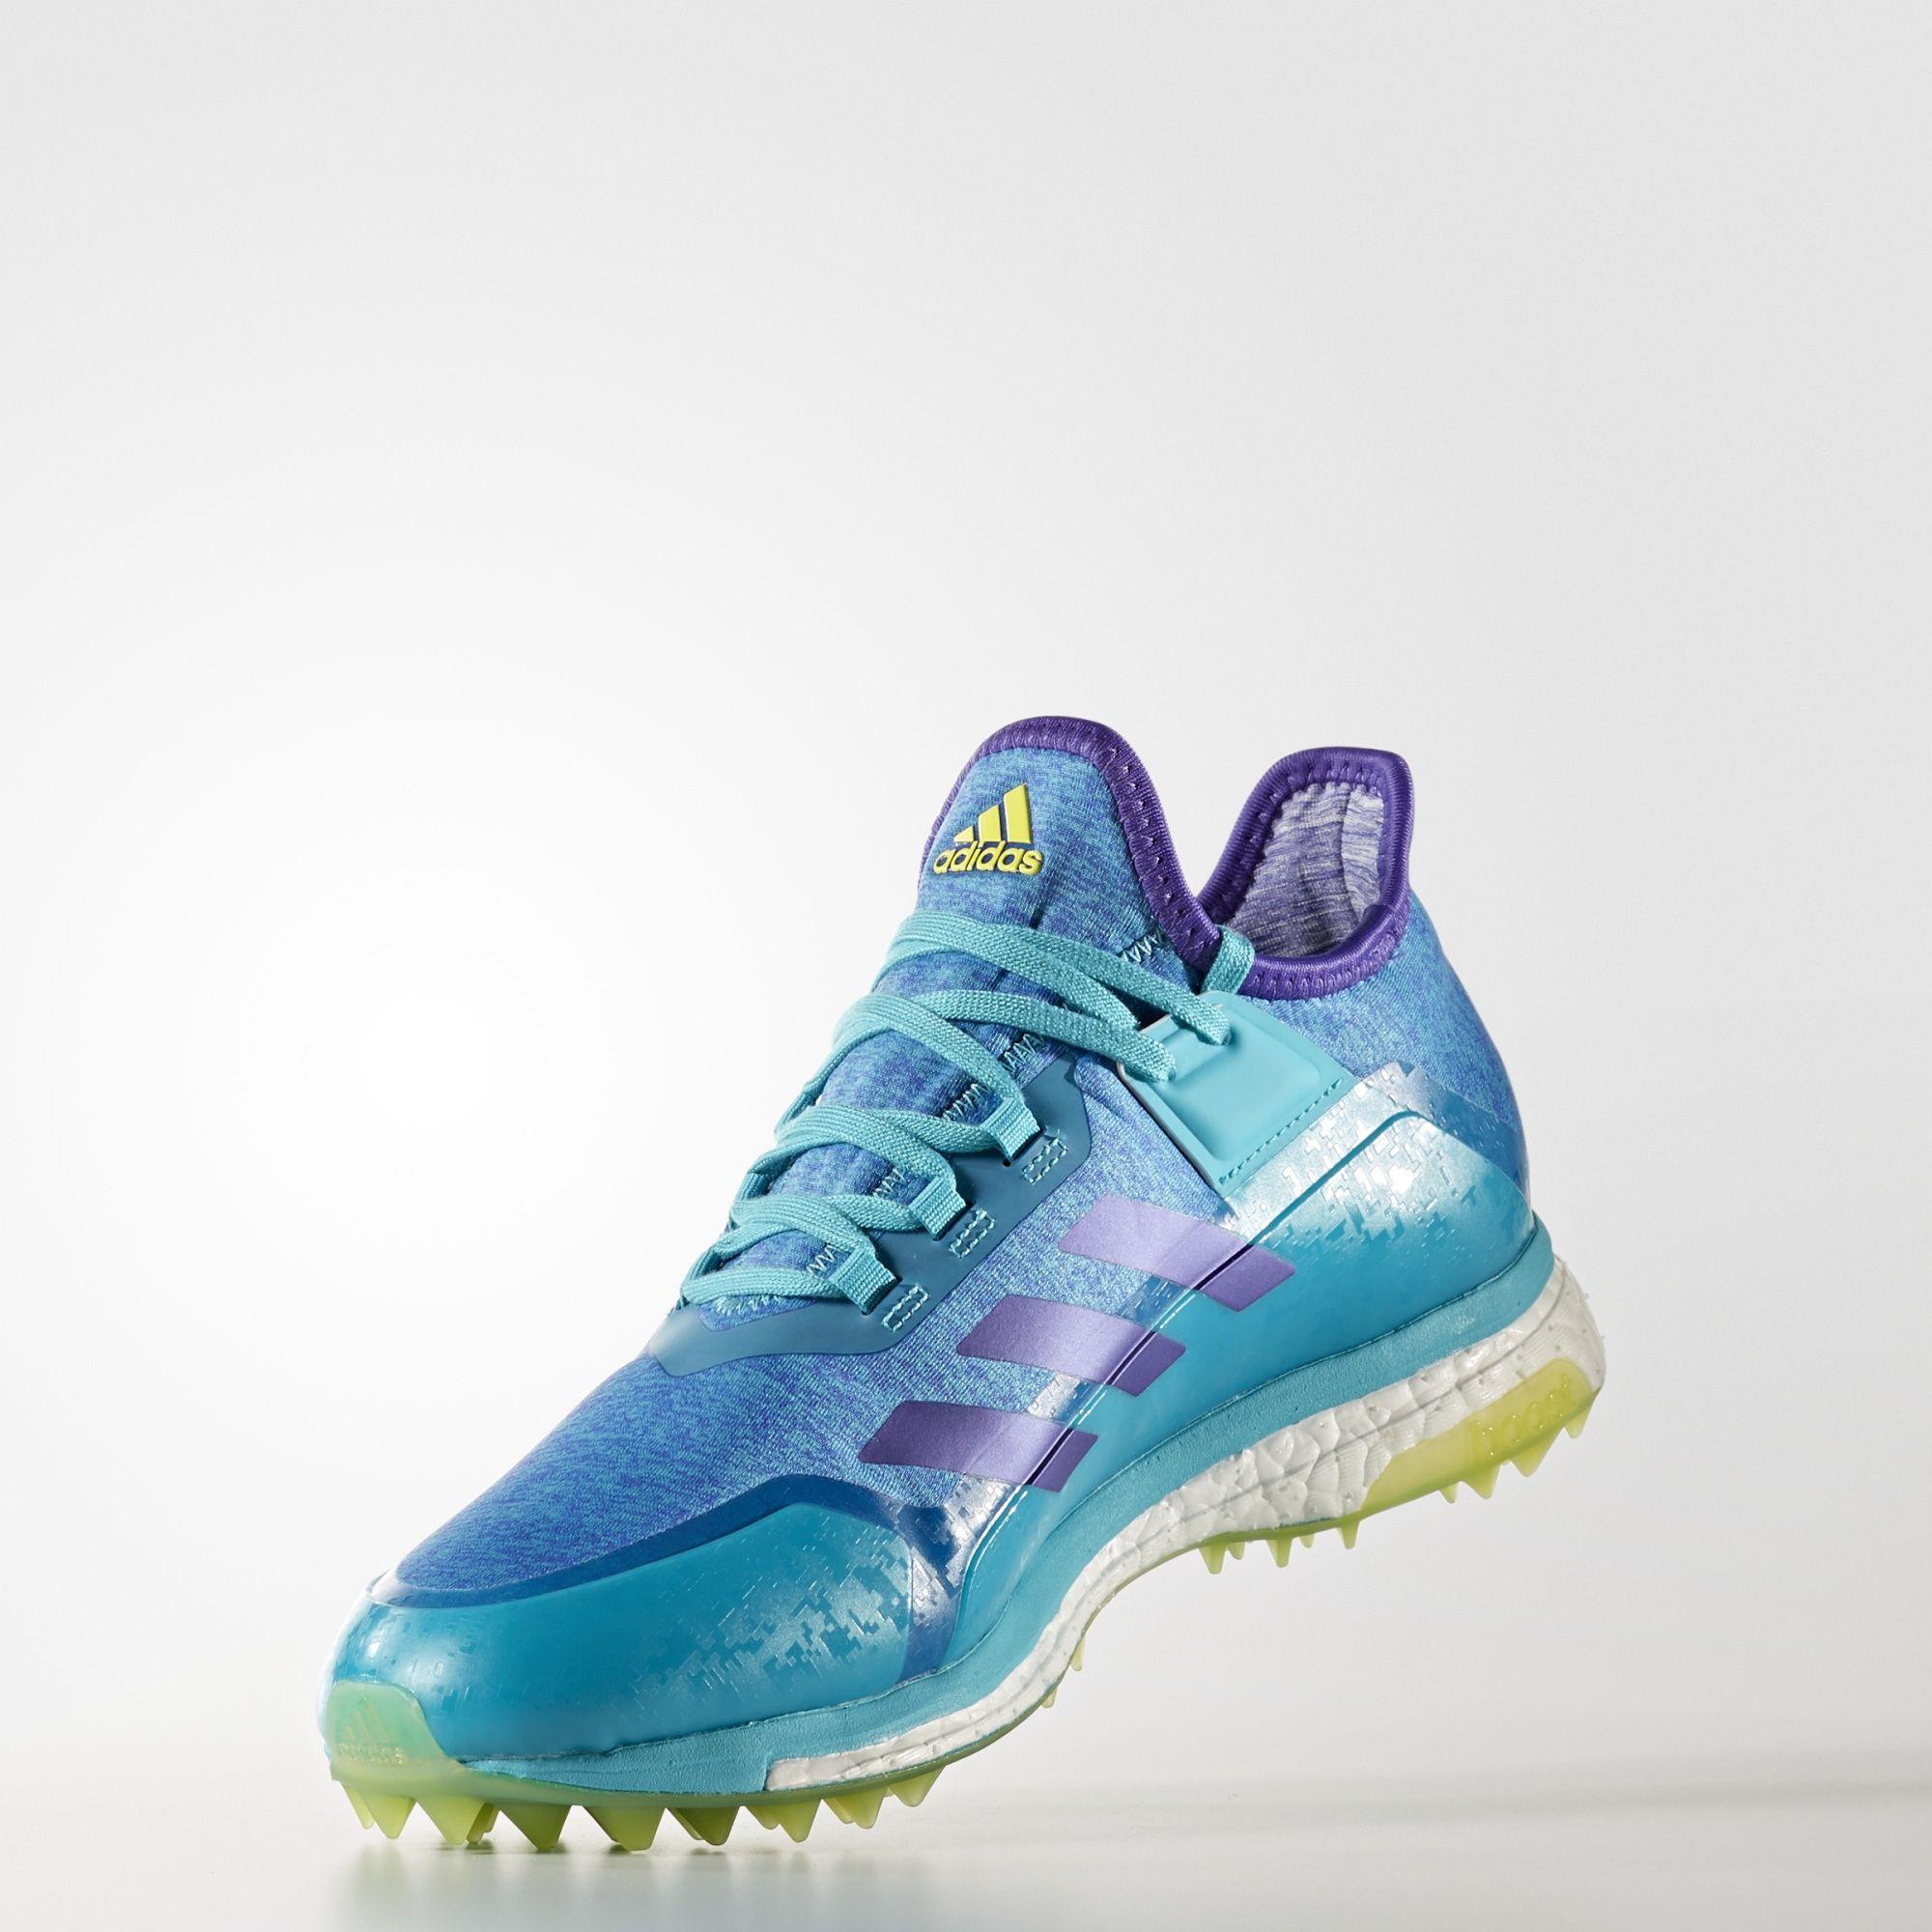 spikes eens X Hockey naar deze schoenen Kijk De Adidas Fabela tdAxaqtBpw